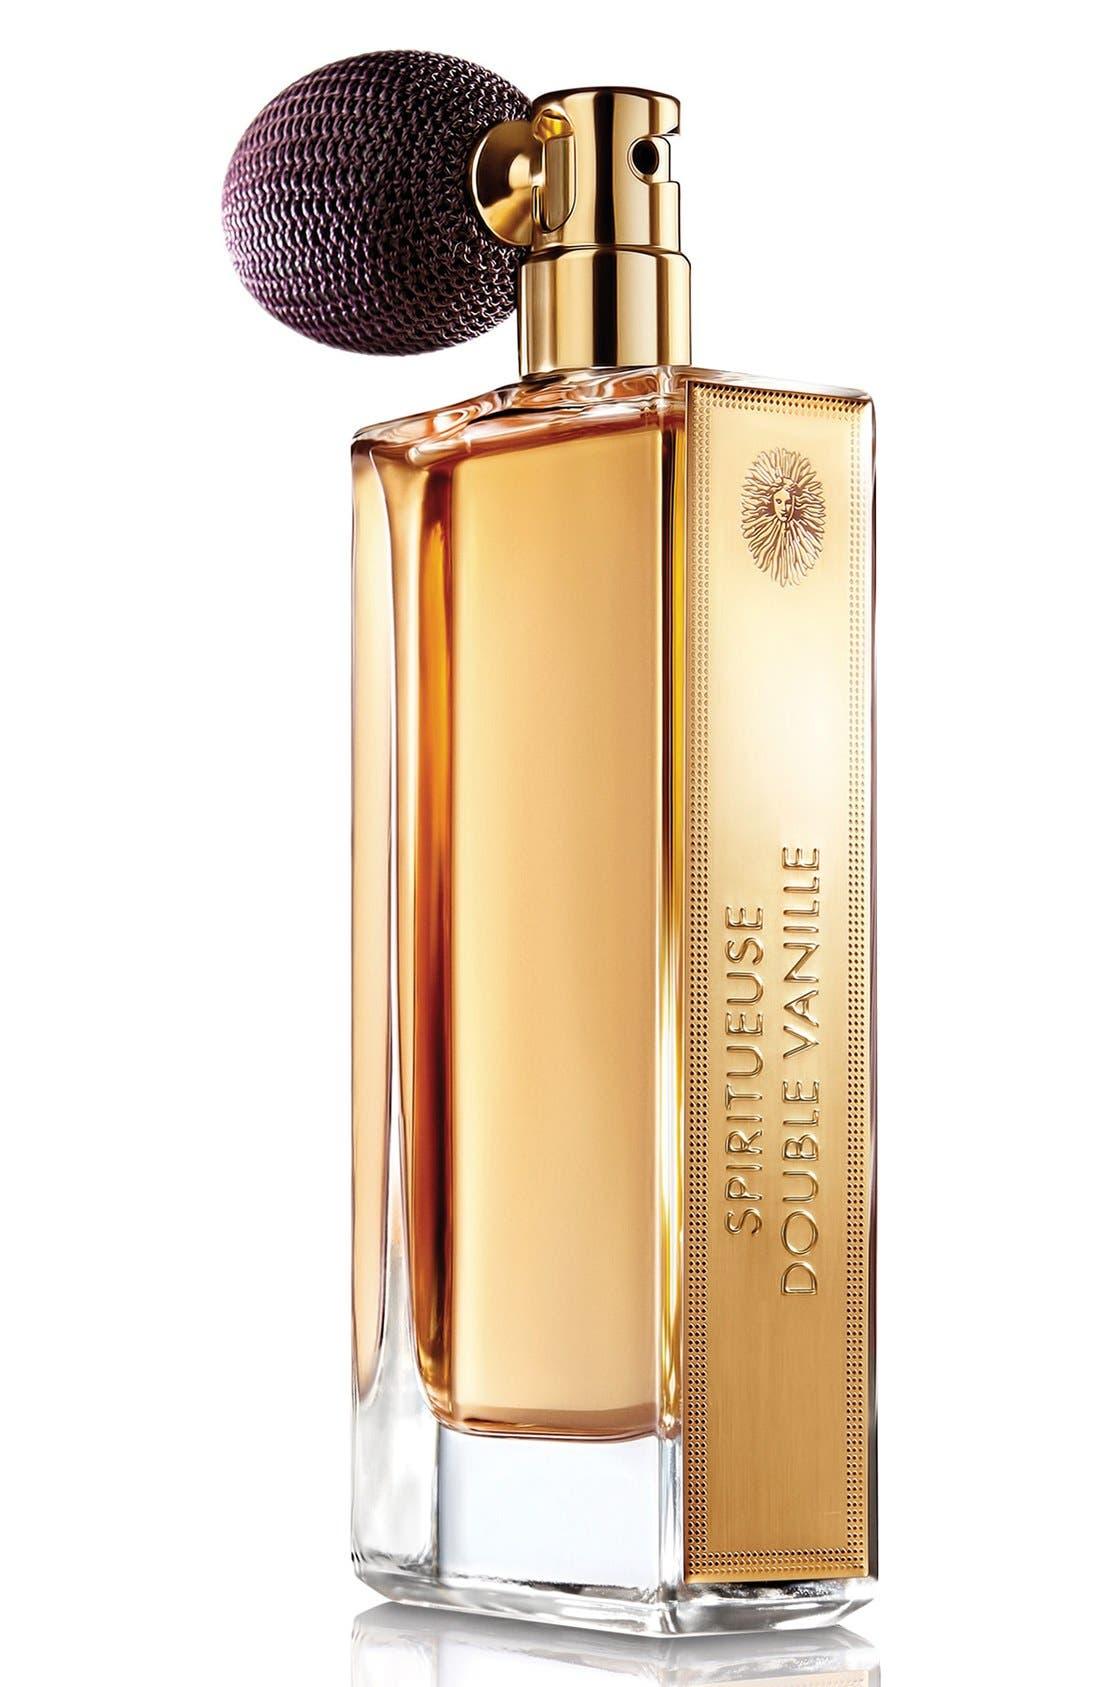 L'Art et la Matiere Spiritueuse Double Vanille Eau de Parfum,                         Main,                         color, 000